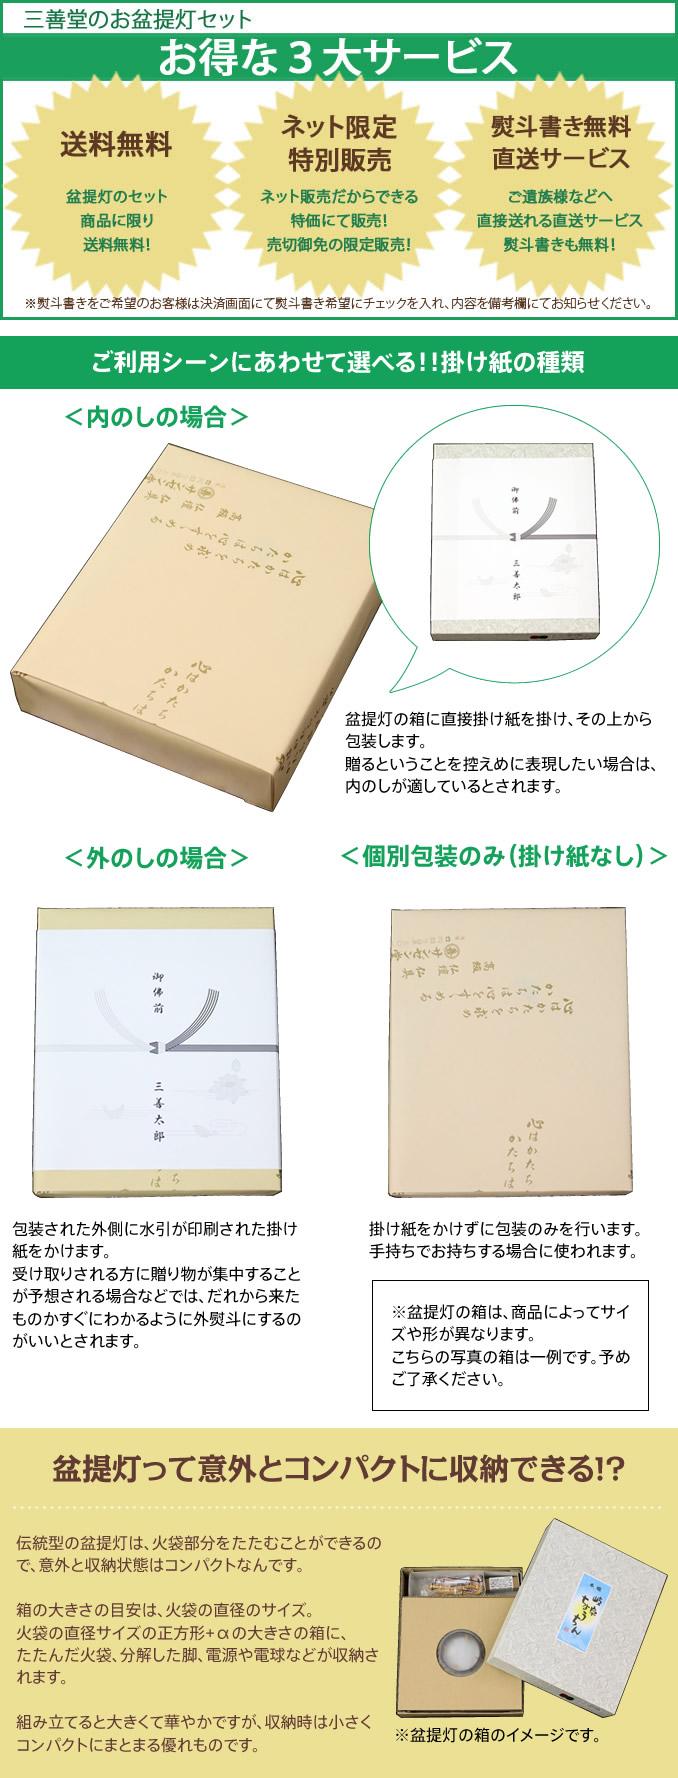 三善堂の盆提灯の三大サービス!